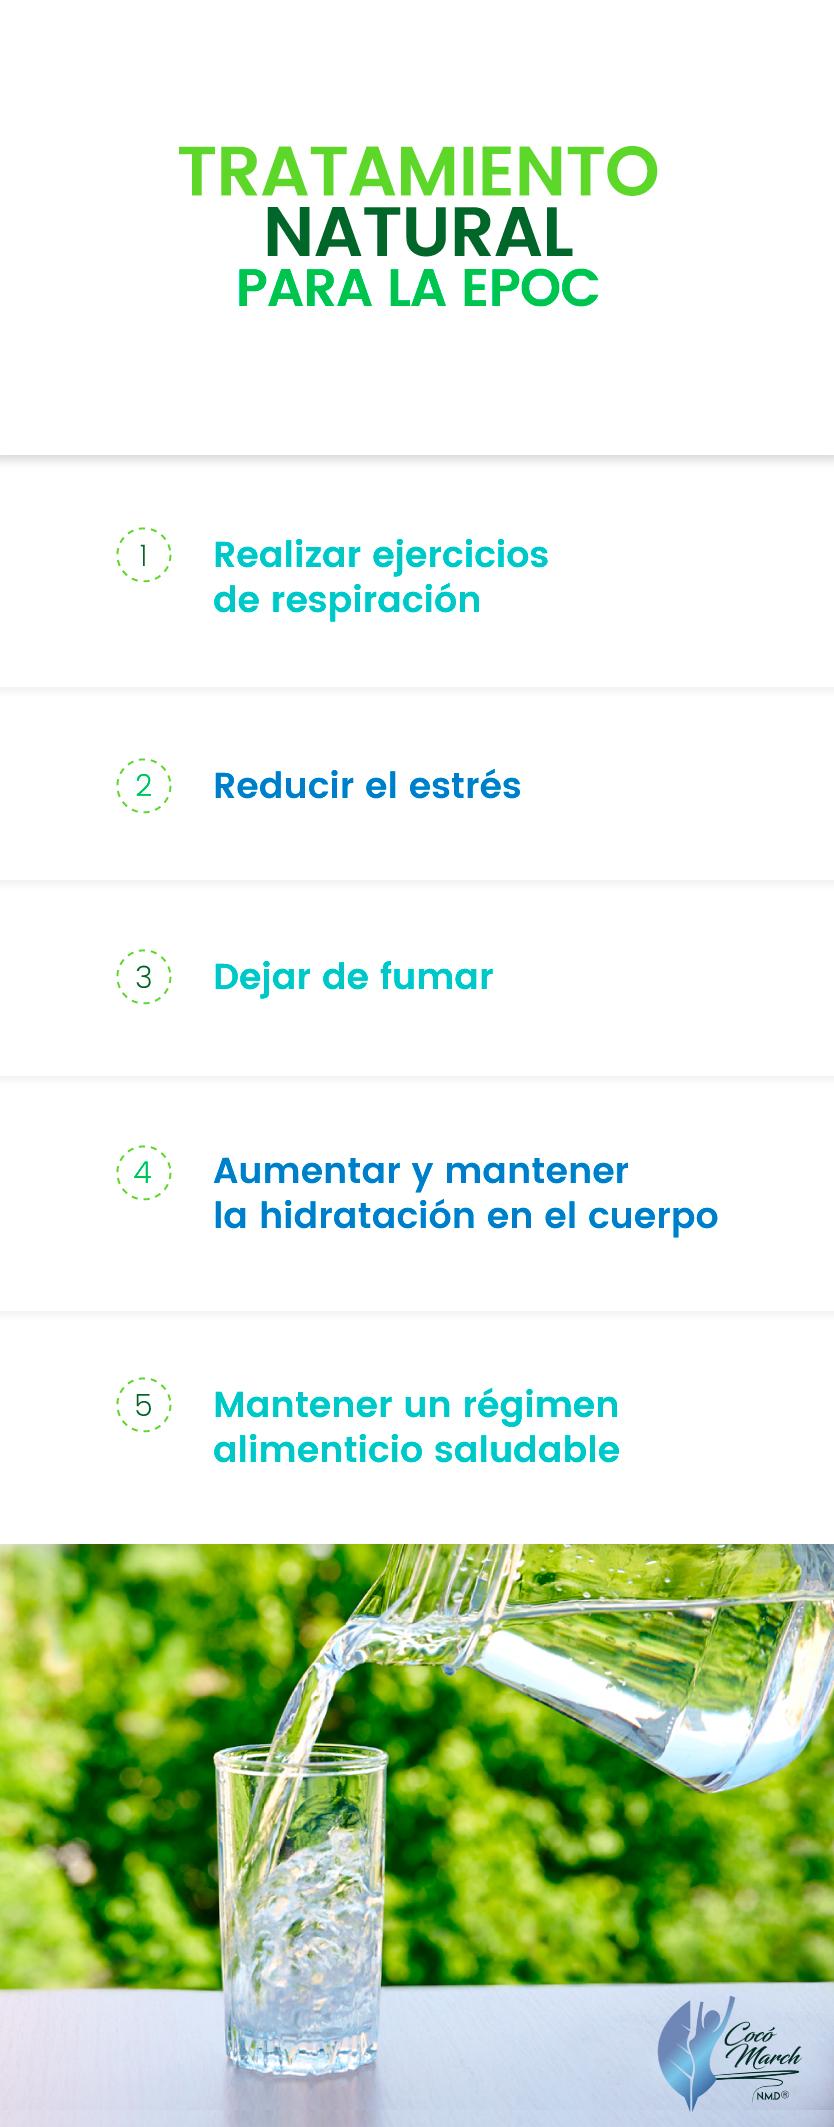 enfermedad-pulmonar-obstructiva-cronica-tratamiento-natural